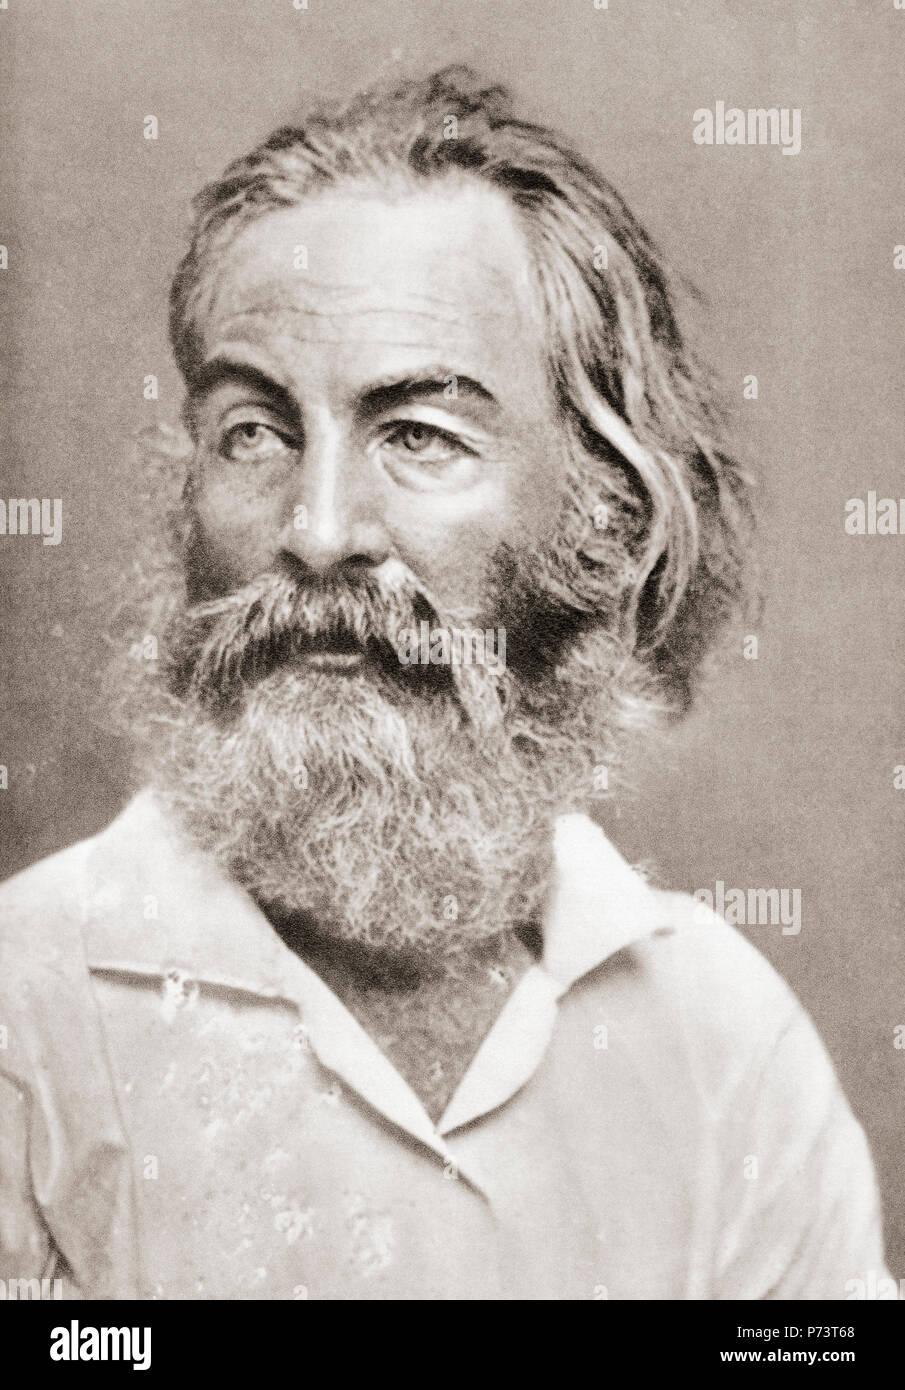 Walt Whitman 'Walter', 1819 - 1892. Poète, essayiste et journaliste. Après une impression contemporaine. Banque D'Images